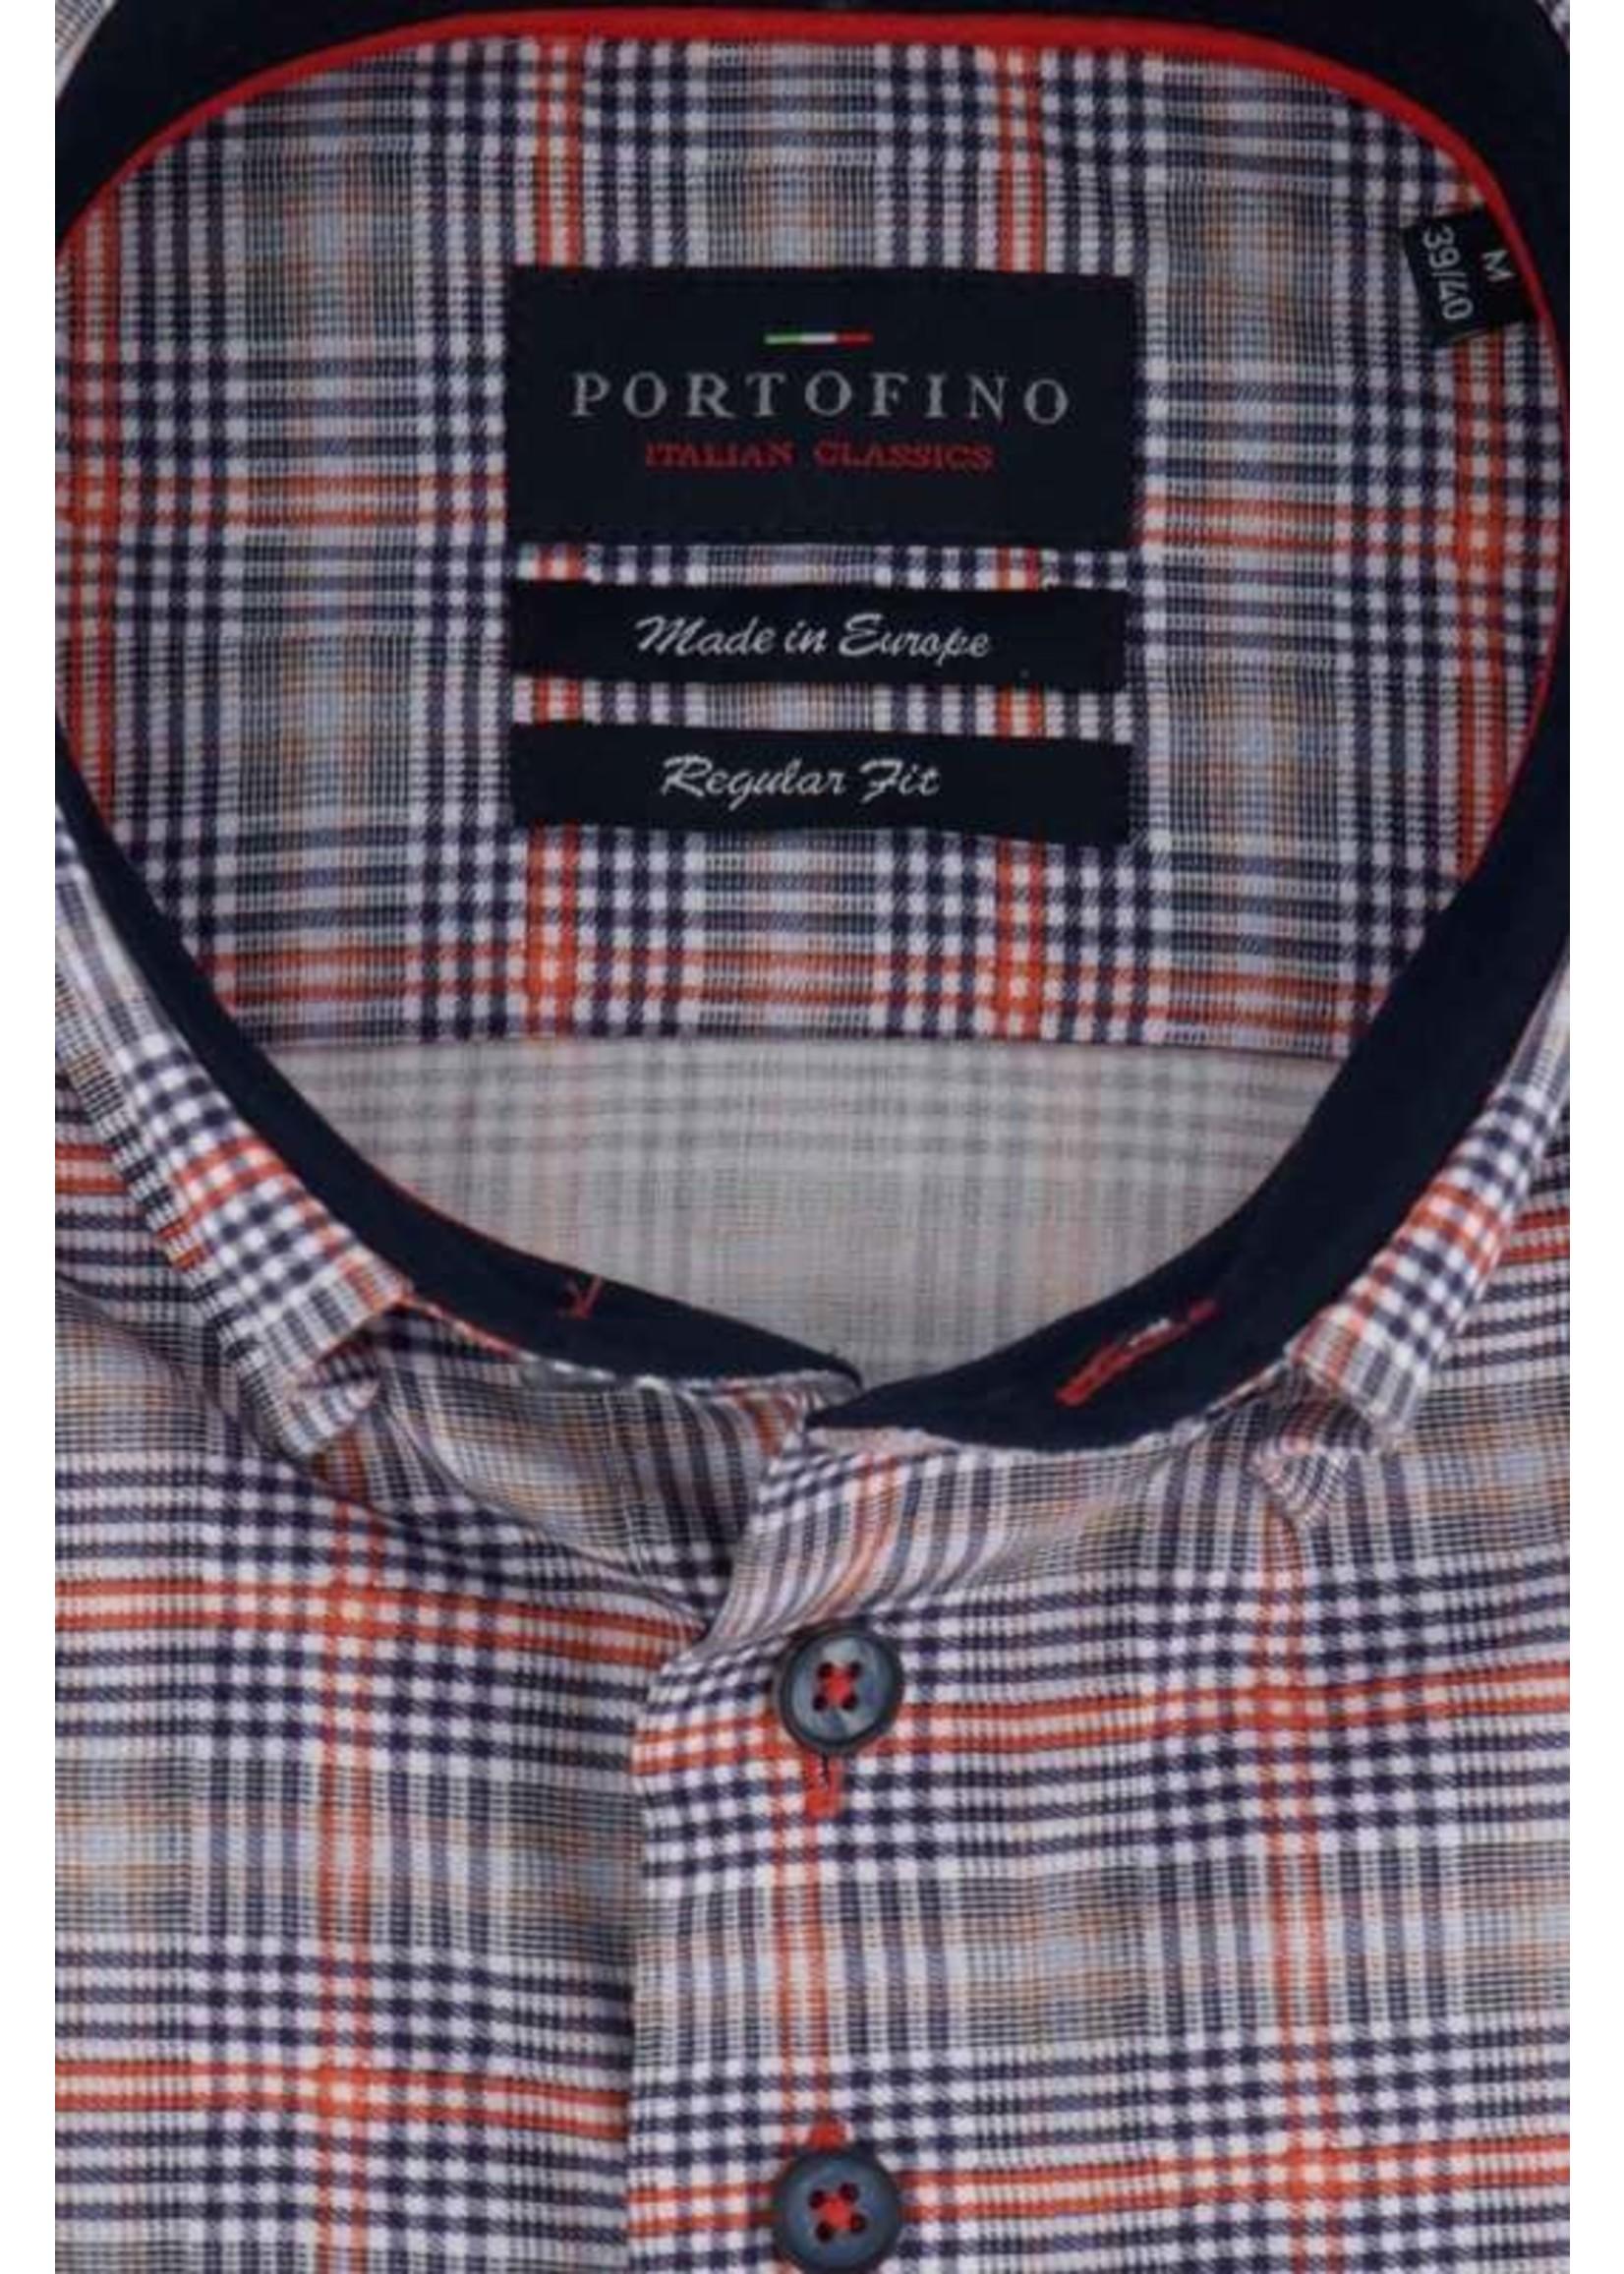 Portofino overhemd oranje grijze ruit